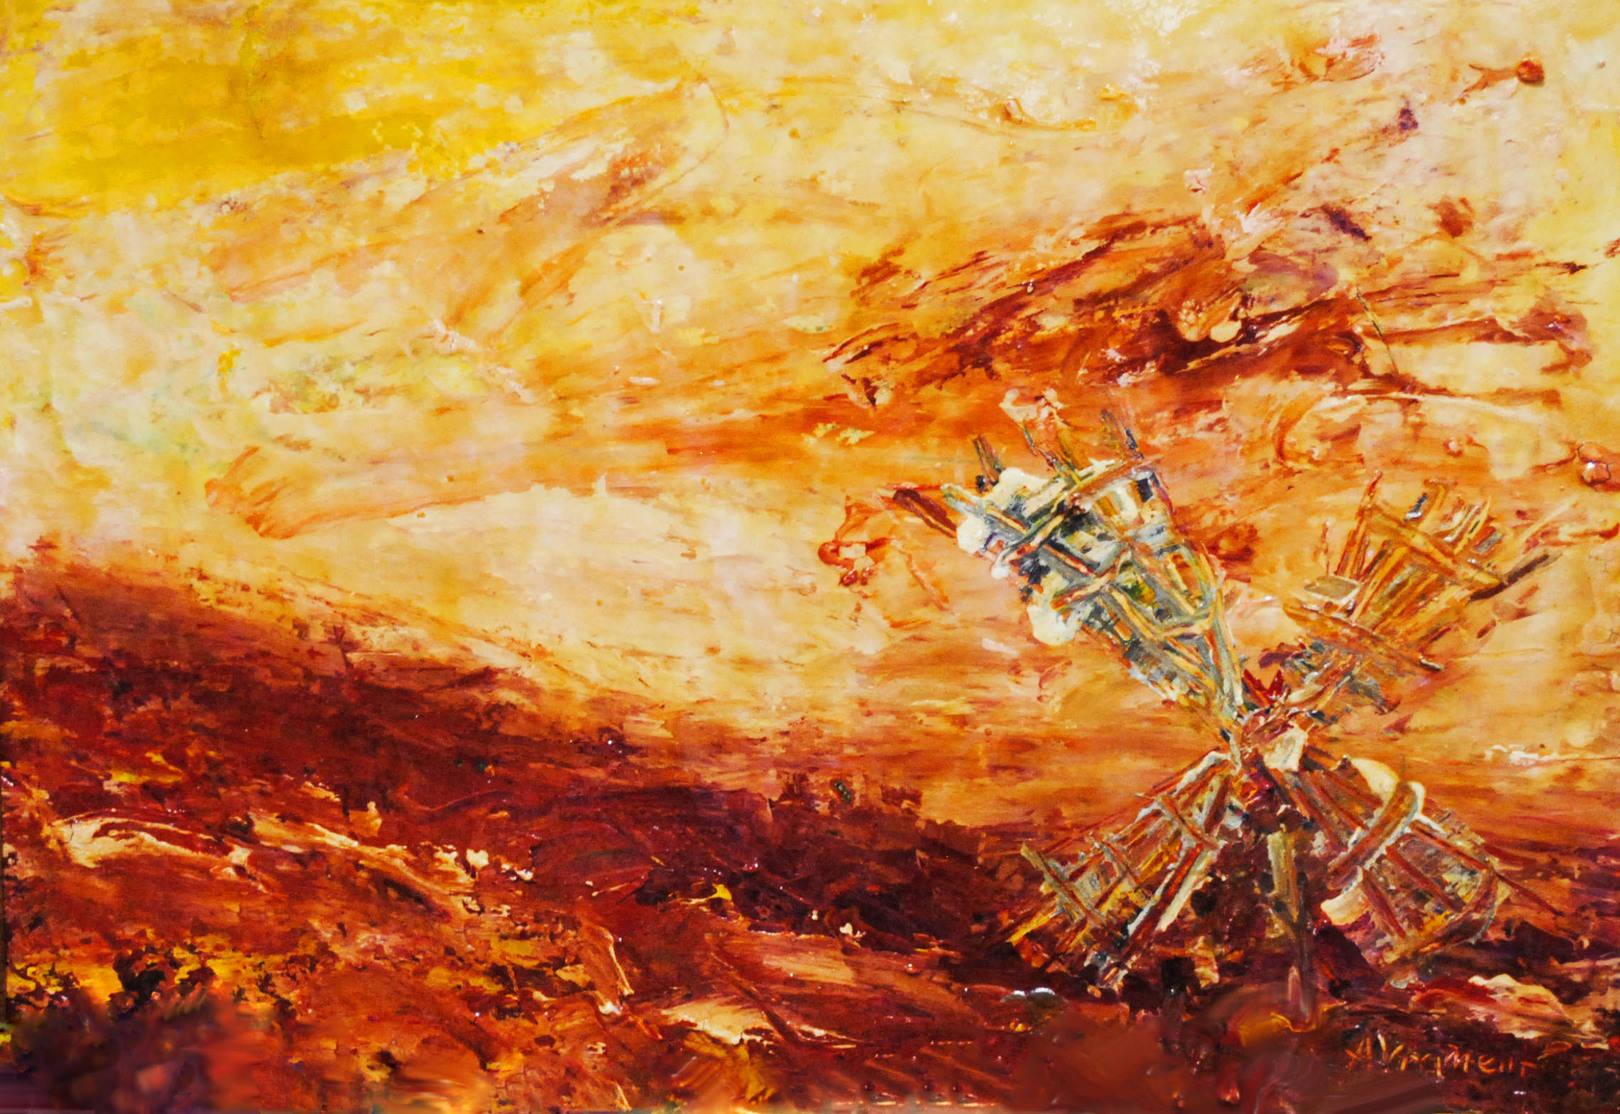 Martian mill